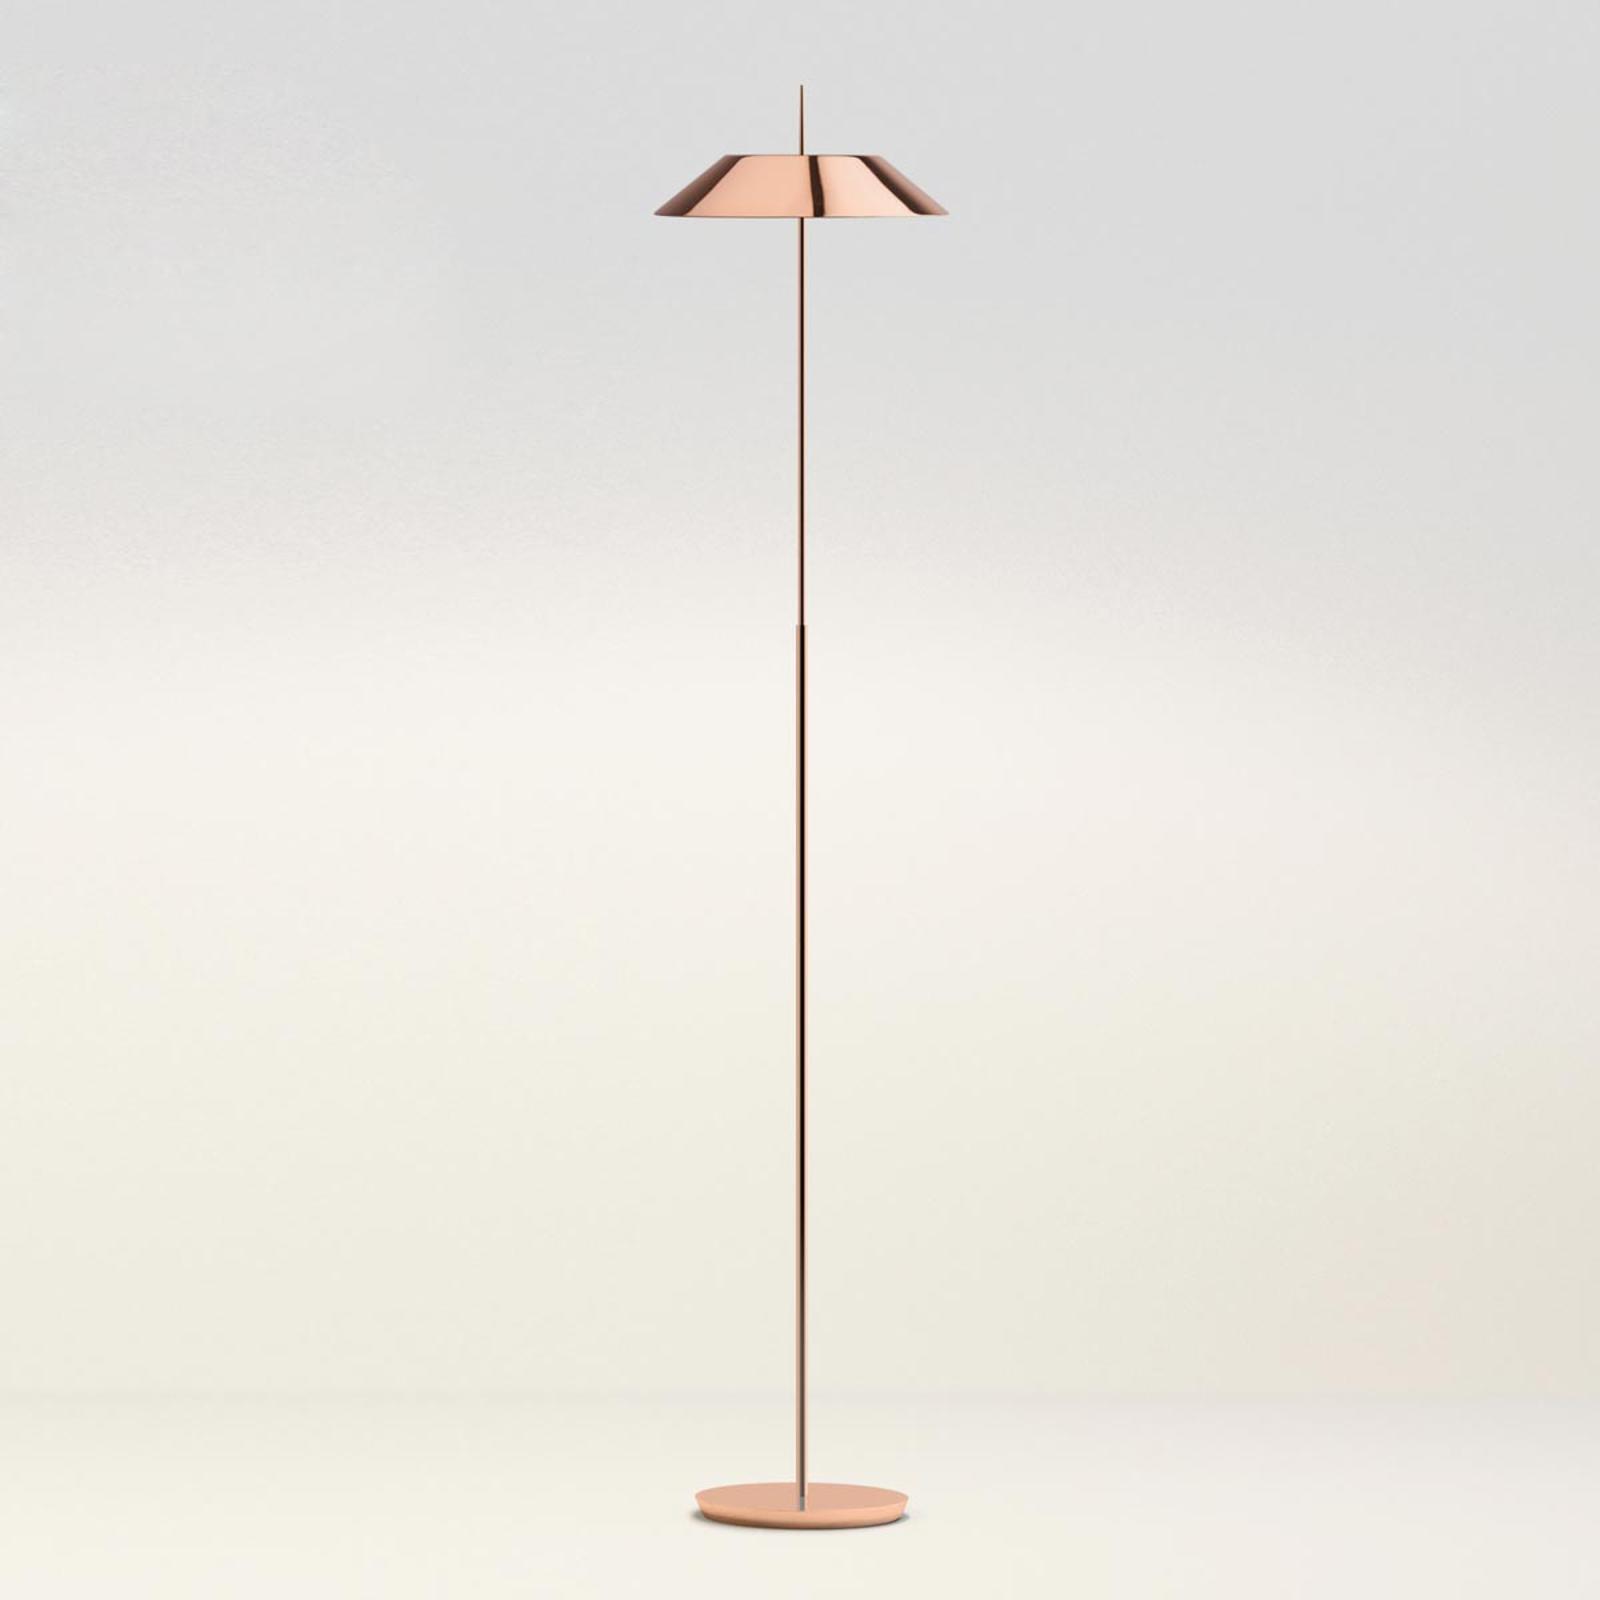 Vibia Mayfair - LED-Stehleuchte, kupfer glänzend